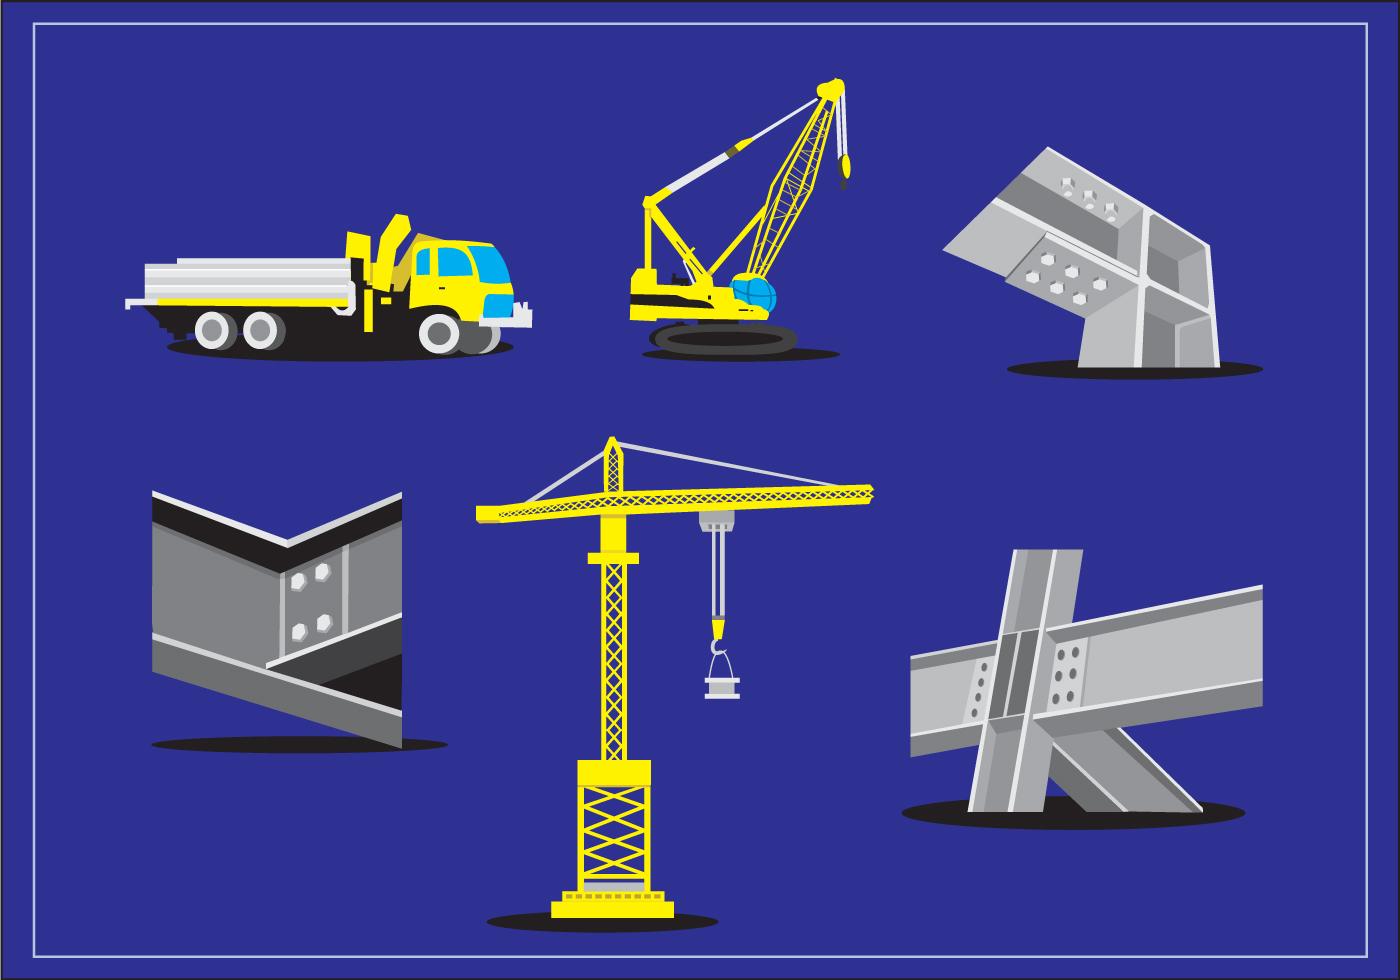 Steel Beam Construction Vector - Download Free Vector Art ...